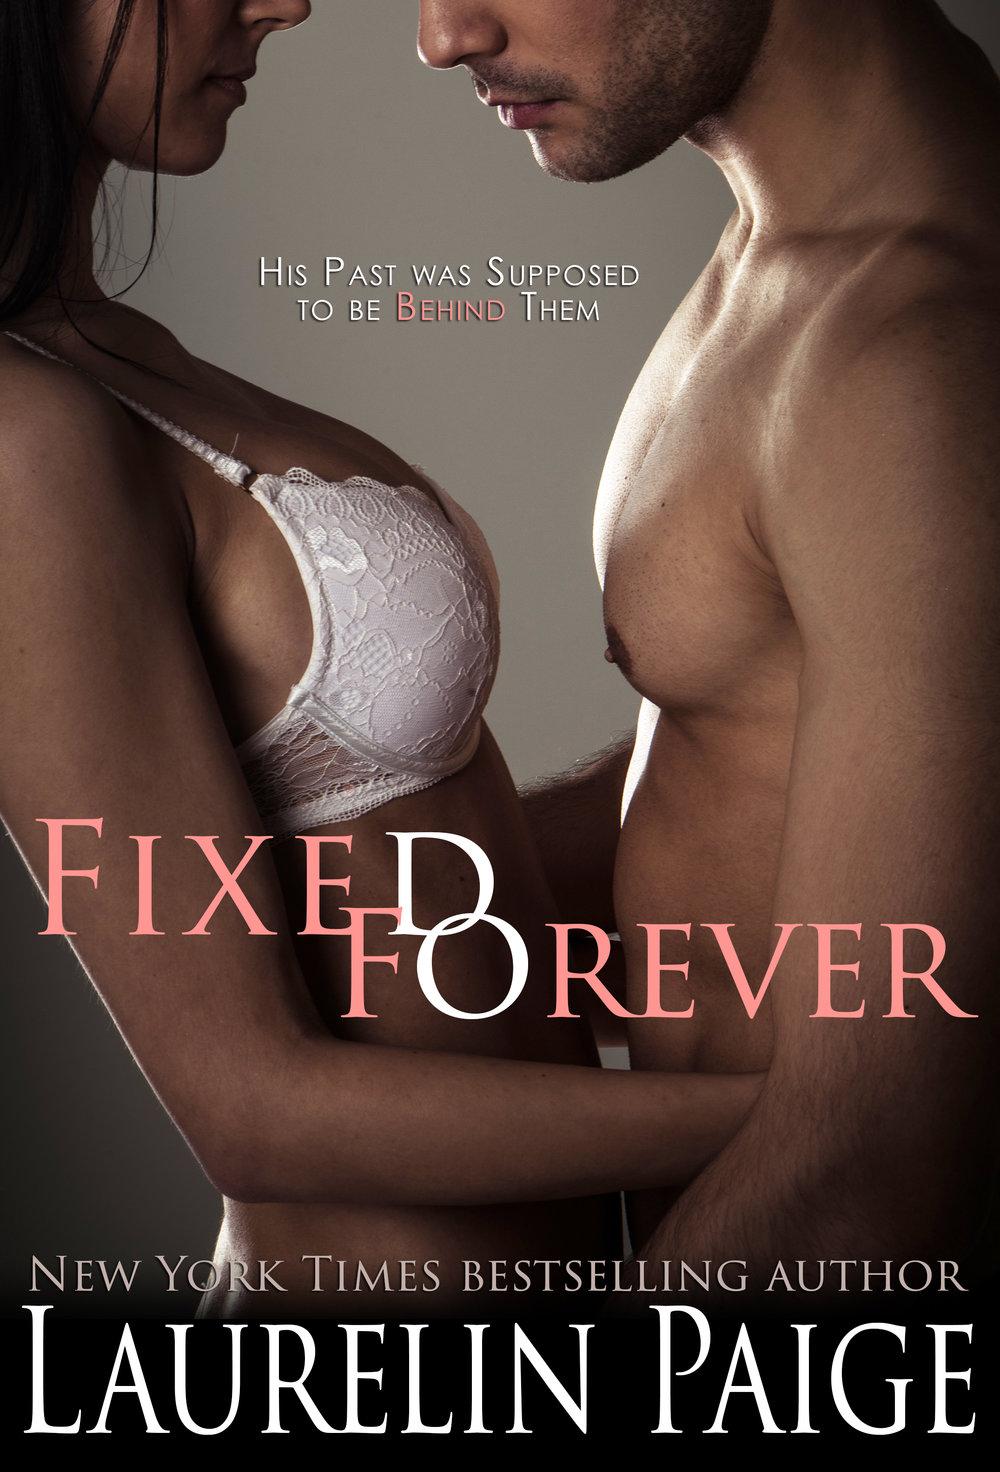 Fixed Forever.jpg